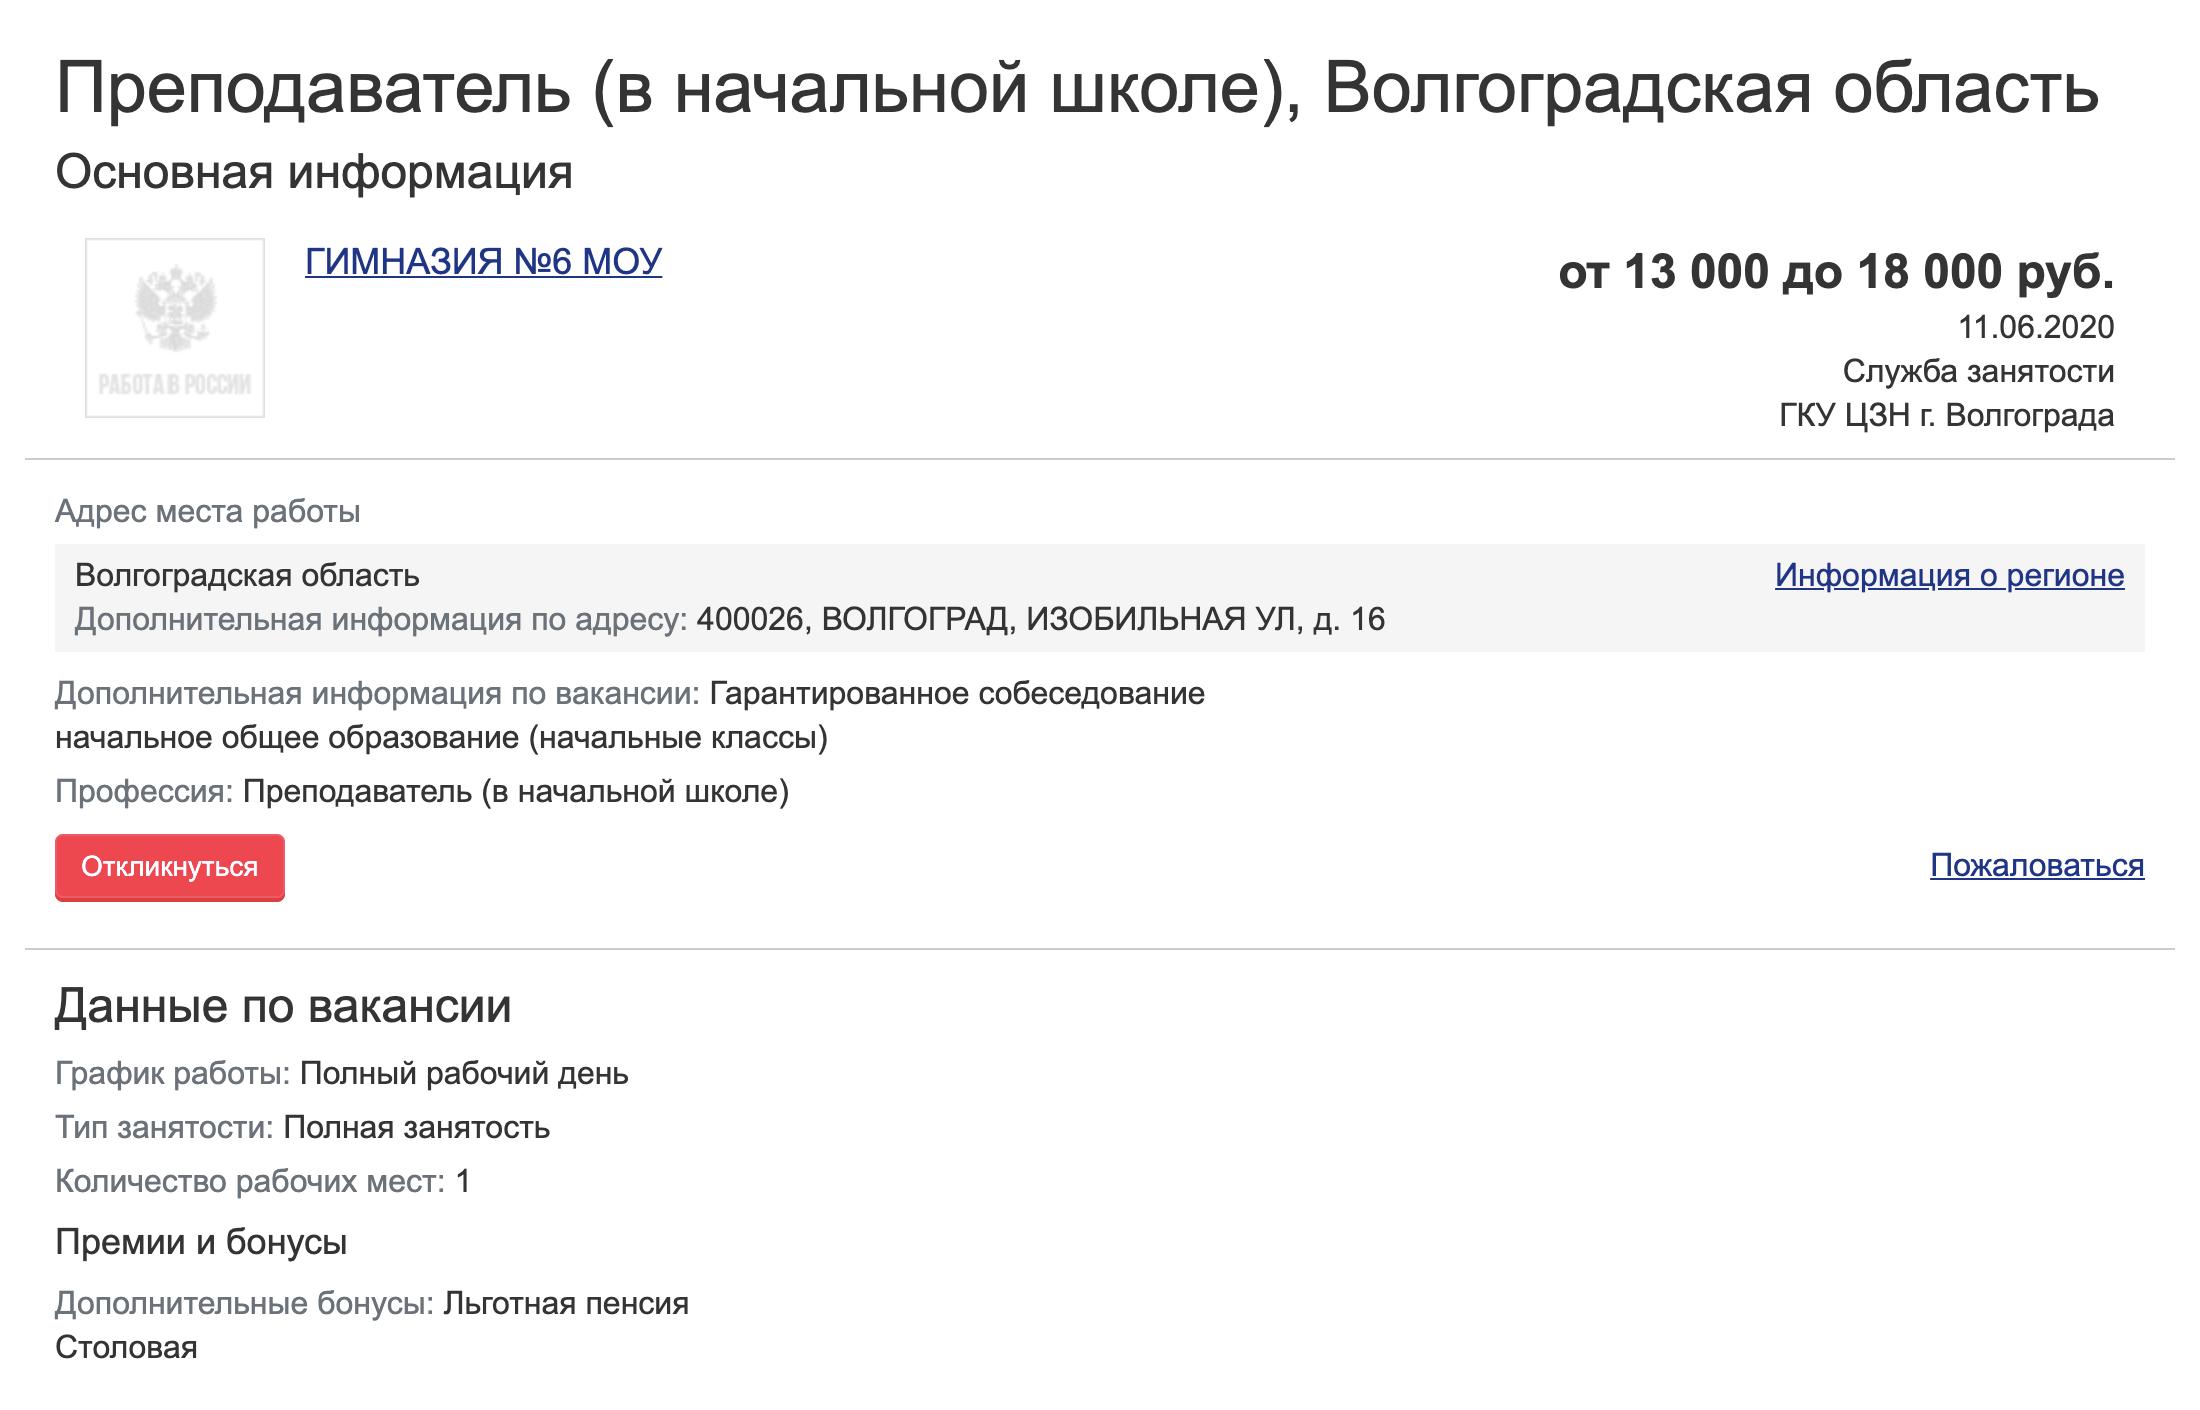 Учитель начальных классов в Волгограде может рассчитывать максимум на 18 тысяч. Официальная зарплата педагога в школе — 29 060<span class=ruble>Р</span>. Средняя по региону — 33 409<span class=ruble>Р</span>